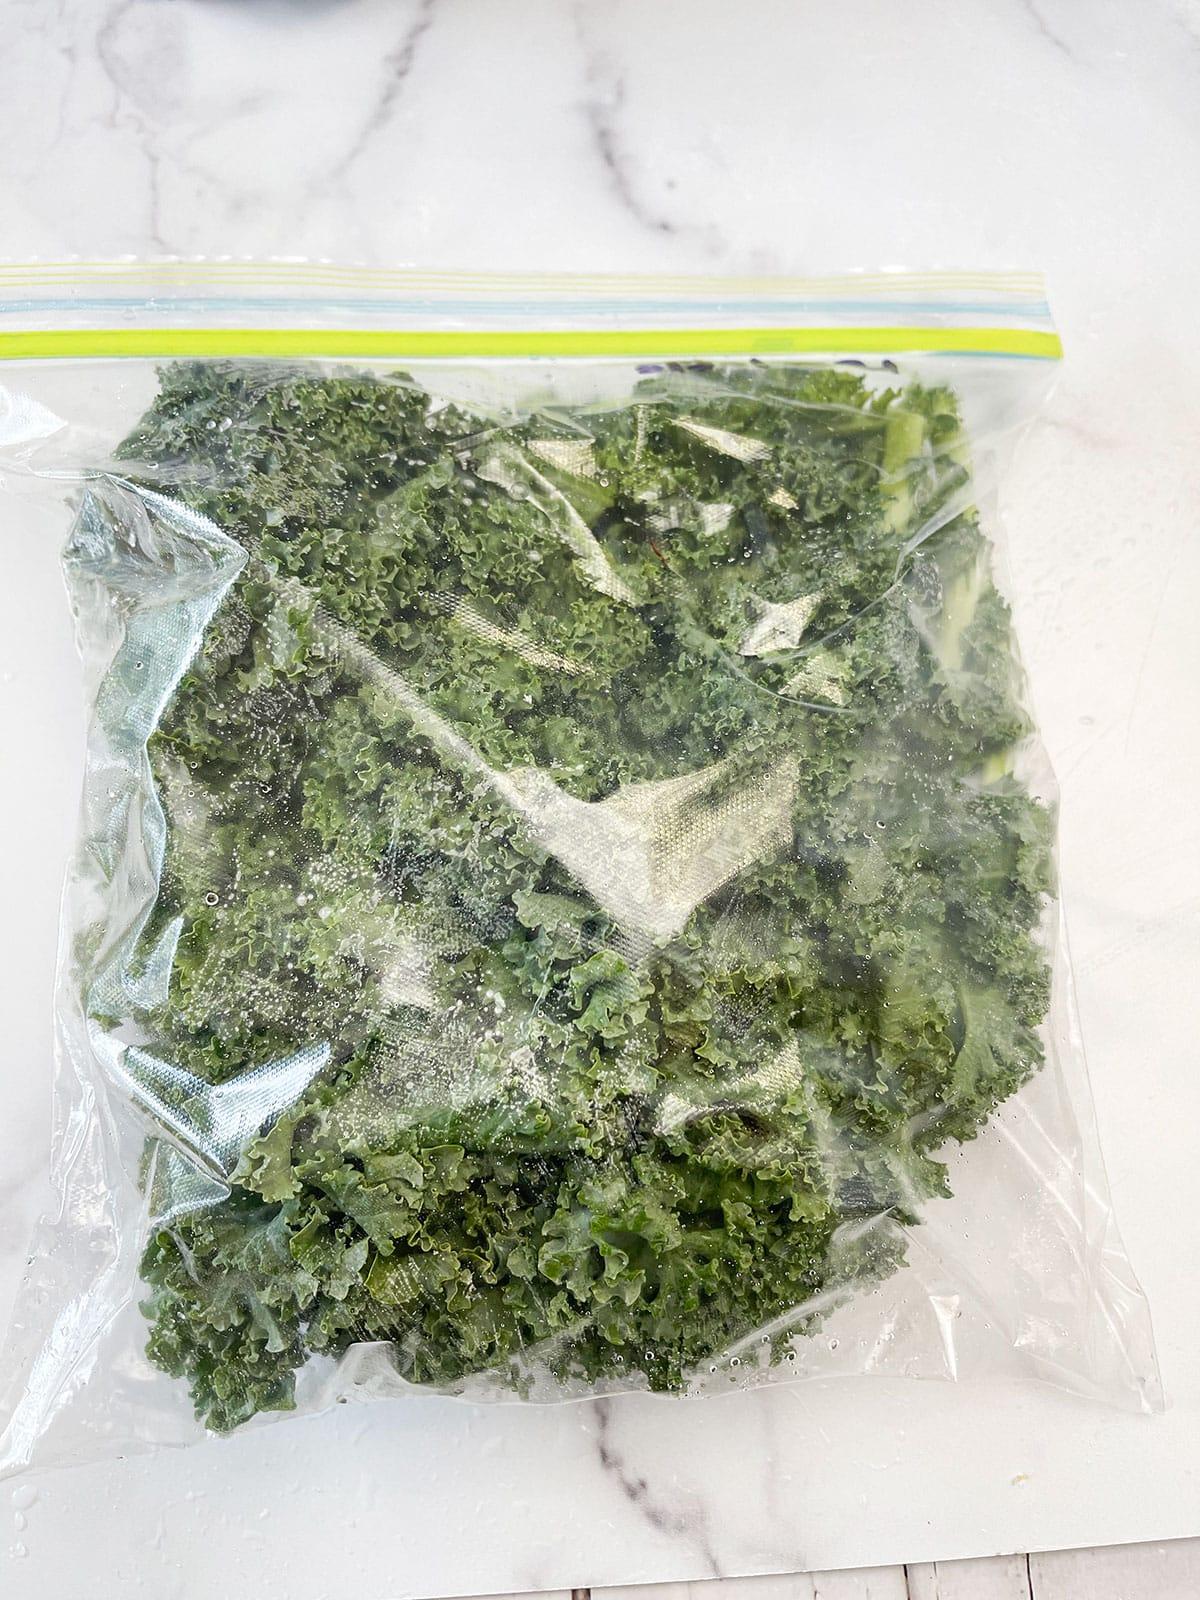 whole kale leaves in ziplock bag